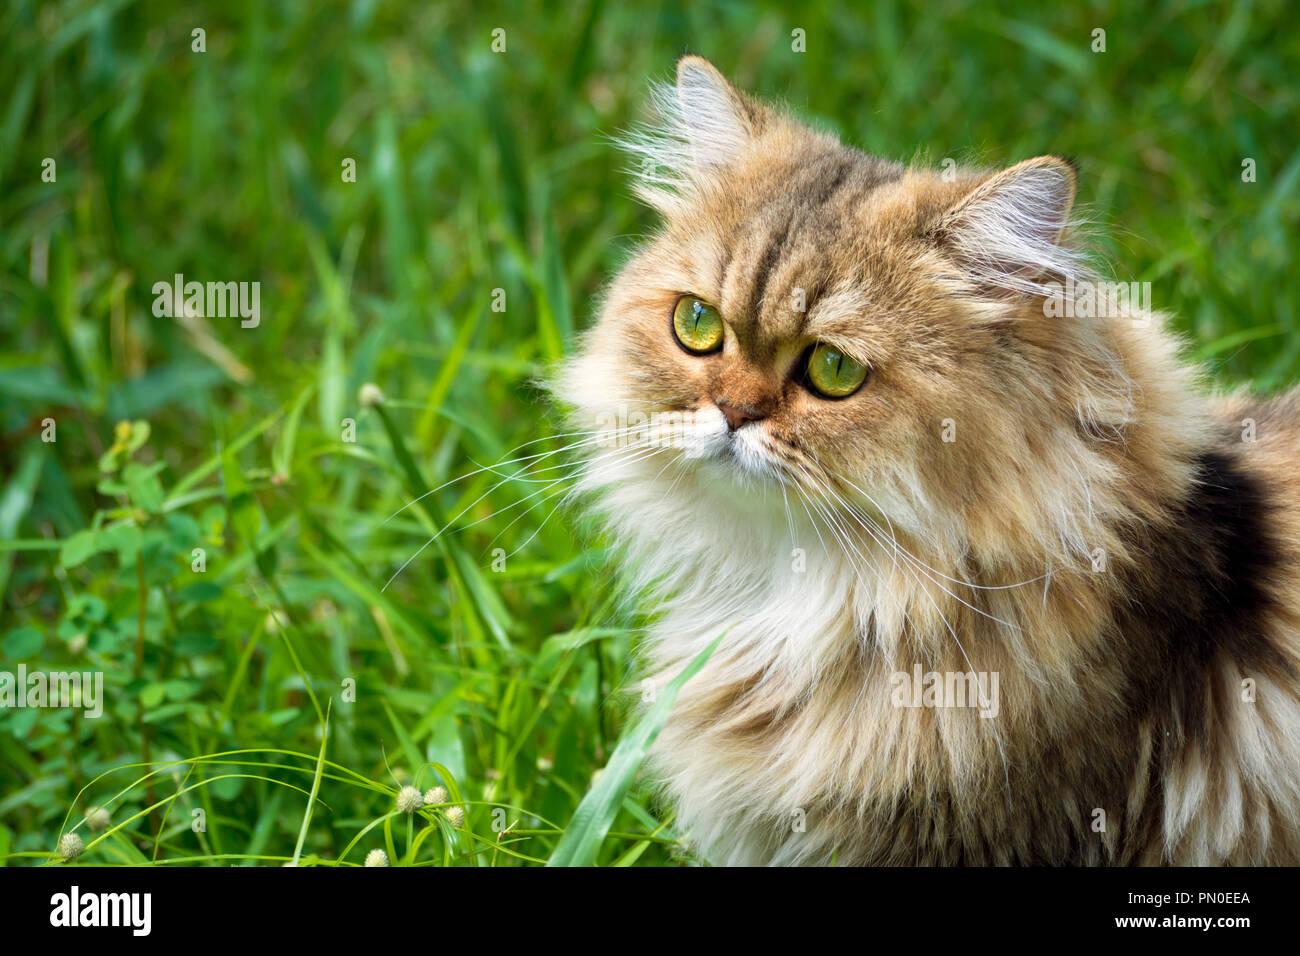 Golden Chinchilla Perser Katzchen Katze Sitzt Auf Dem Grunen Rasen Und Konzentrieren Sie Sich Auf Der Suche Nach Etwas Im Garten Am Morgen Tier Und Pet Stockfotografie Alamy